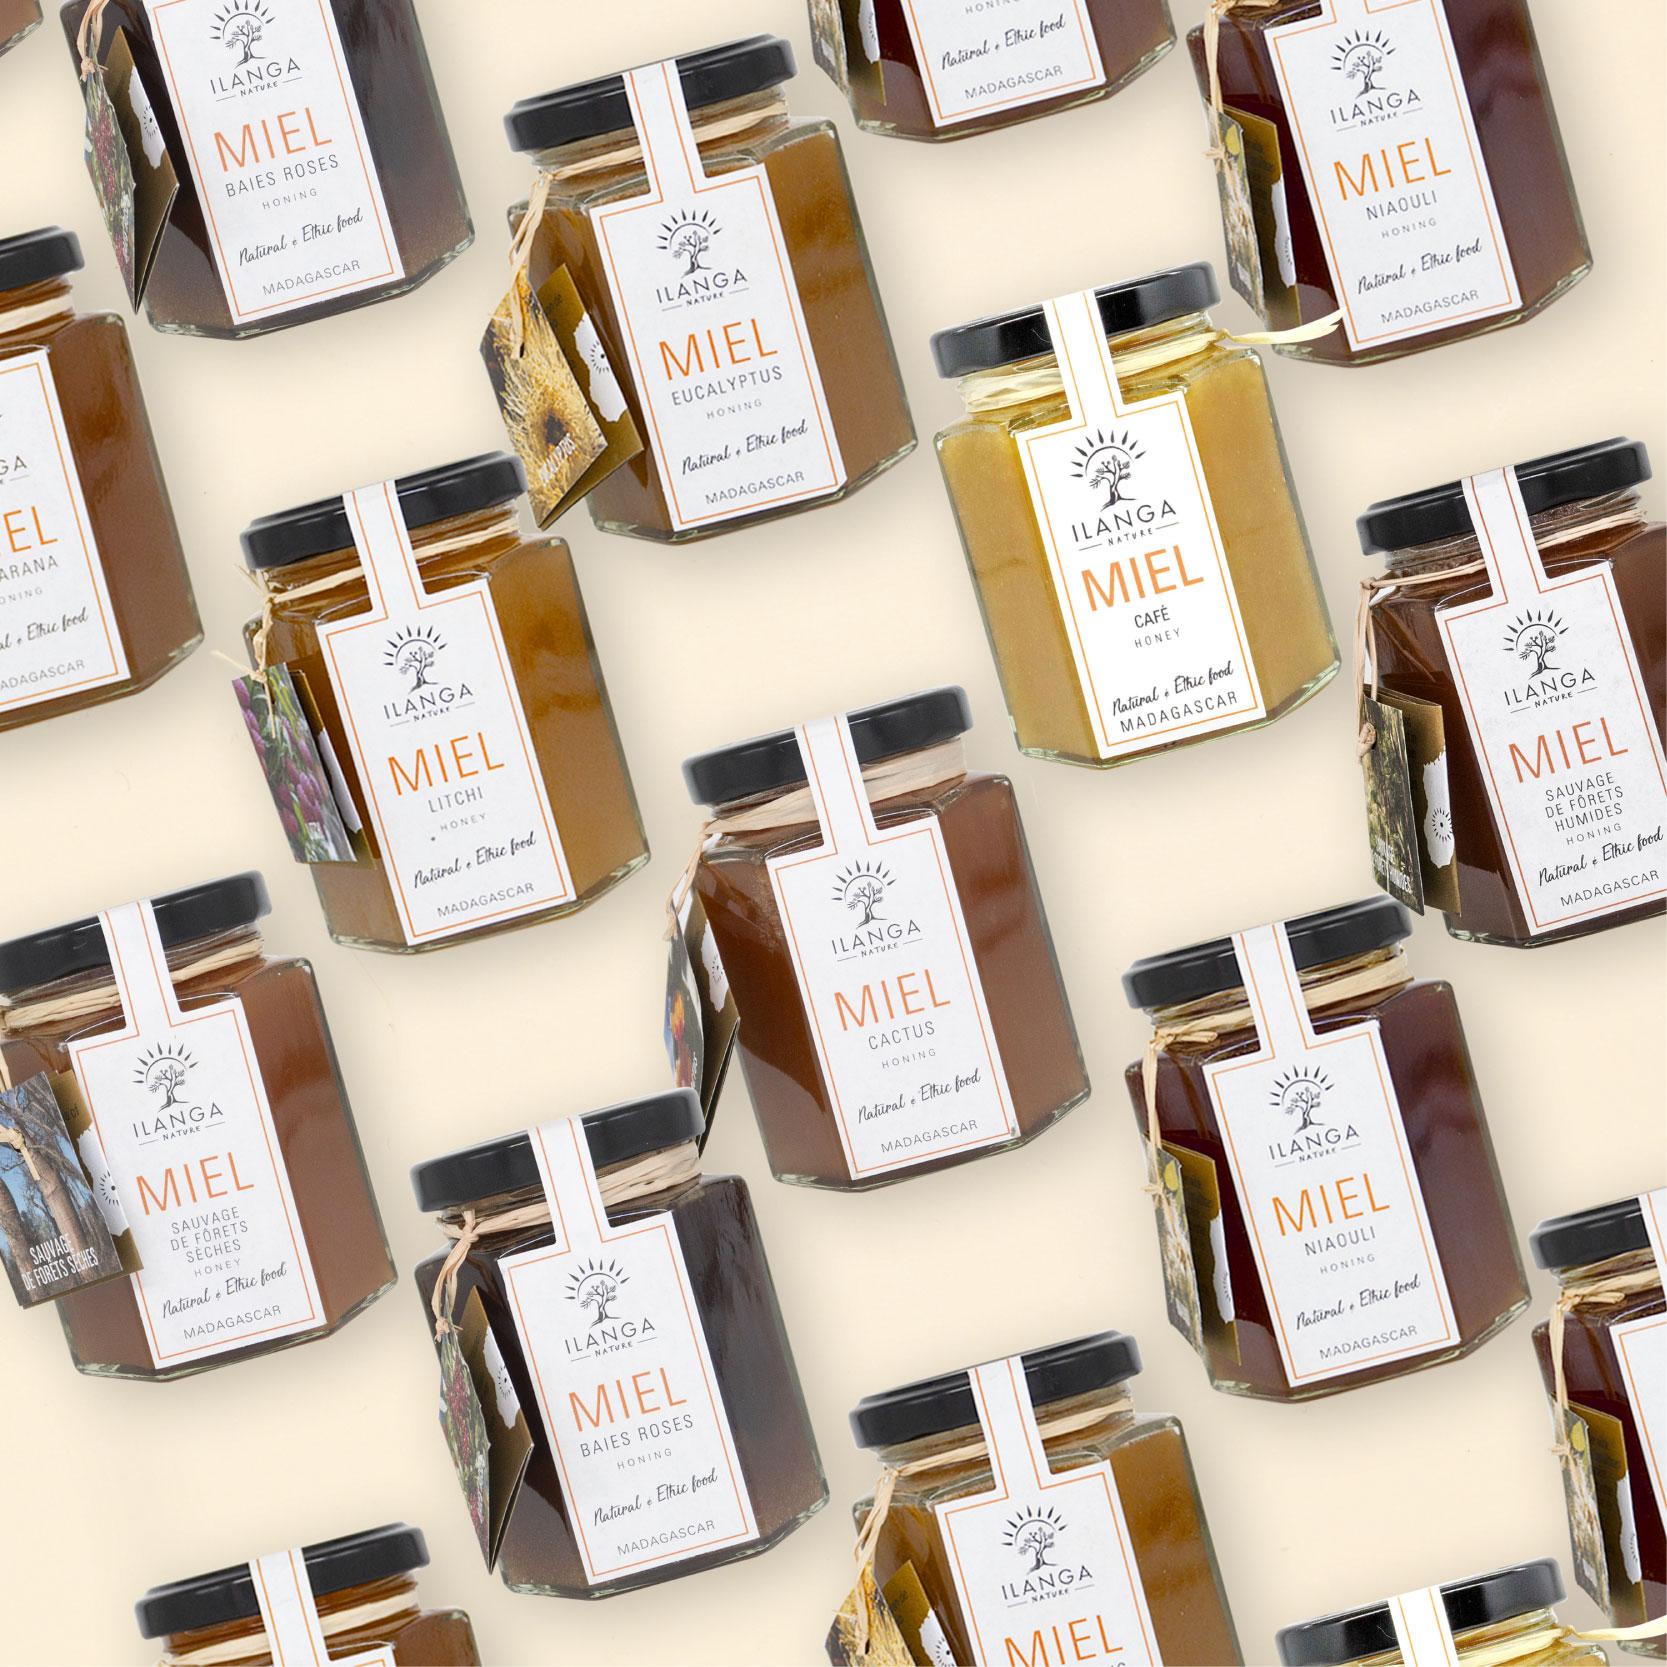 Ilanga Nature épicerie madagascar miel vanille poivre